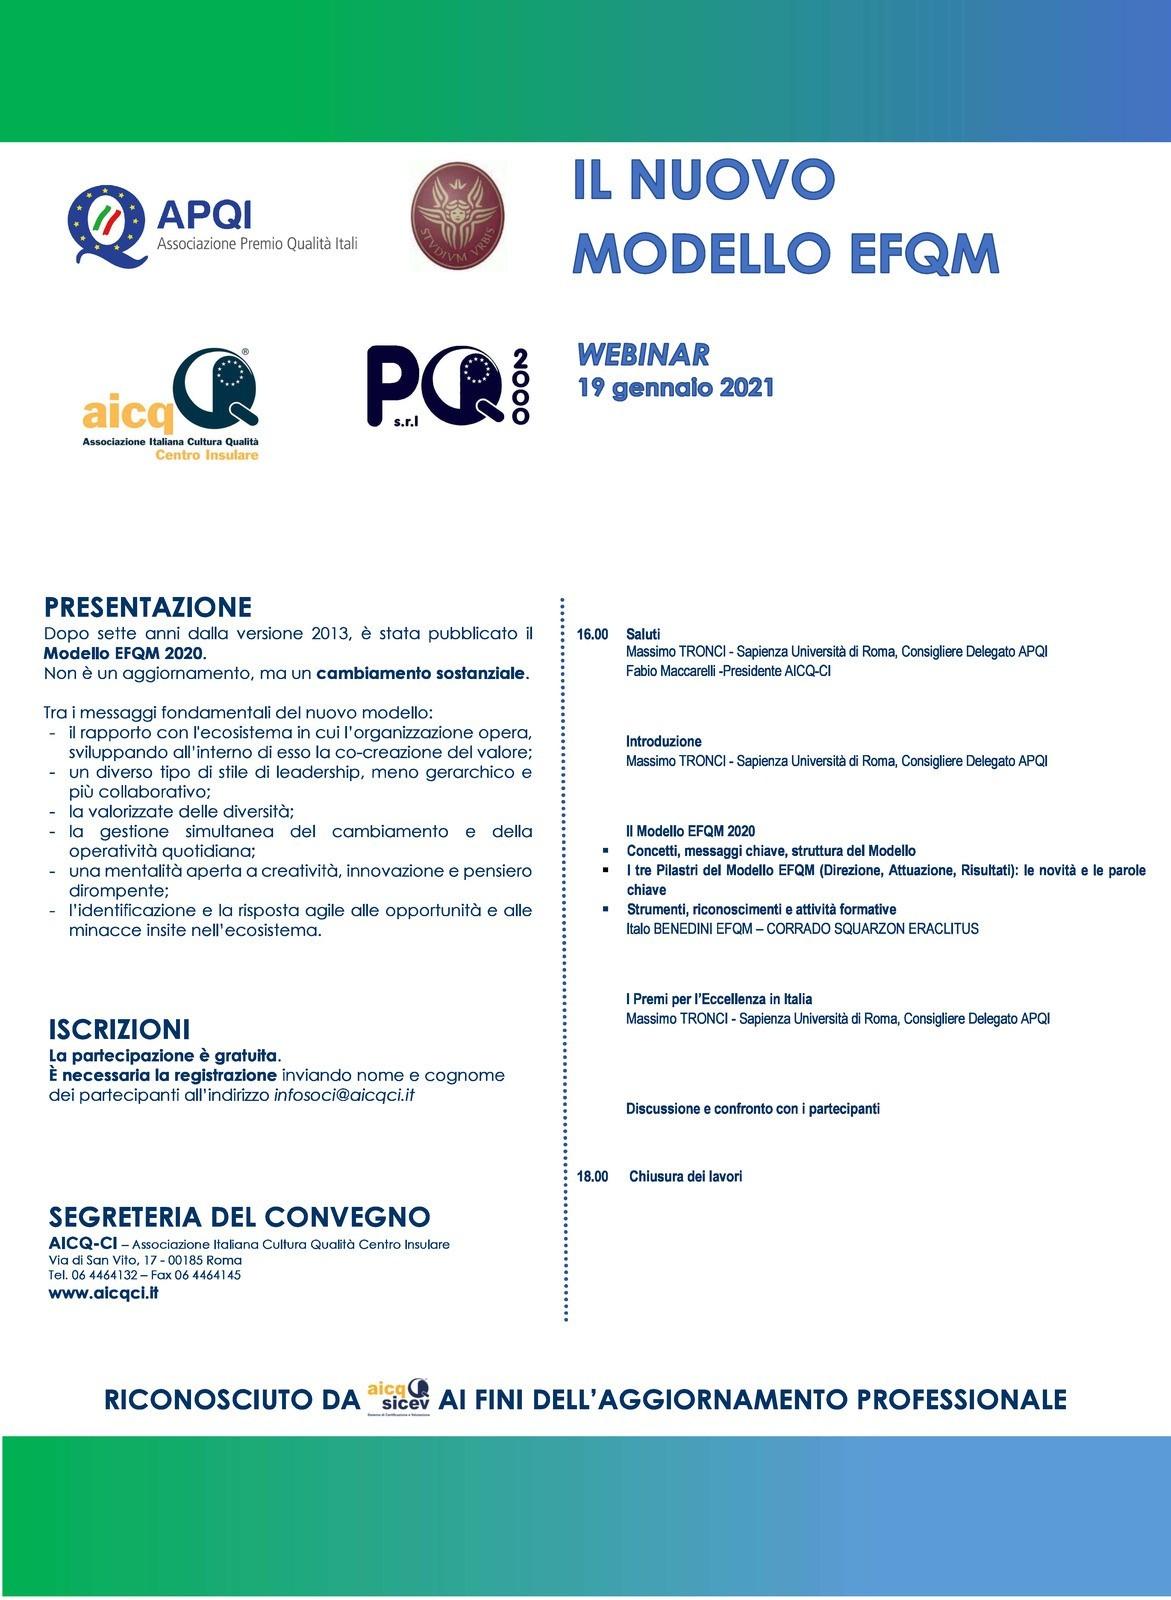 Presentazione del nuovo Modello EFQM 2020